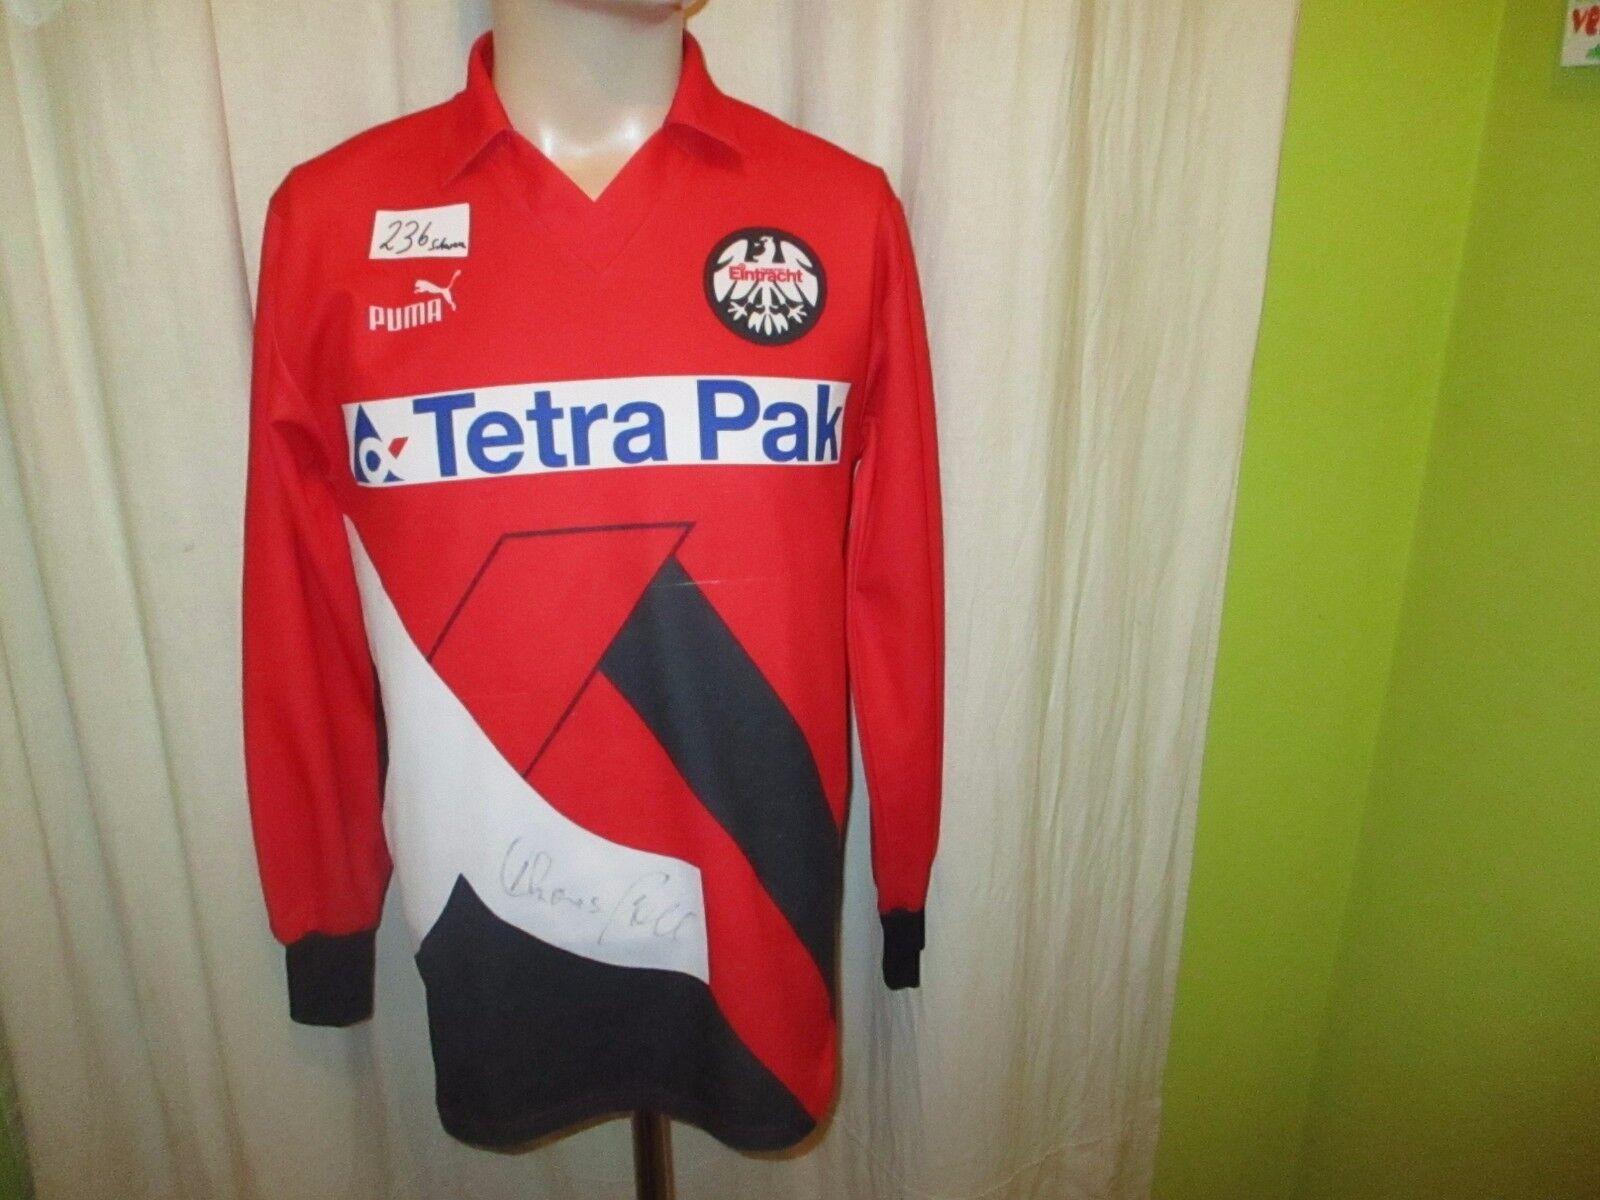 Eintracht Frankfurt Original Puma Langarm Trikot 1994 95  Tetra Pak  Gr.S- M  | Neuankömmling